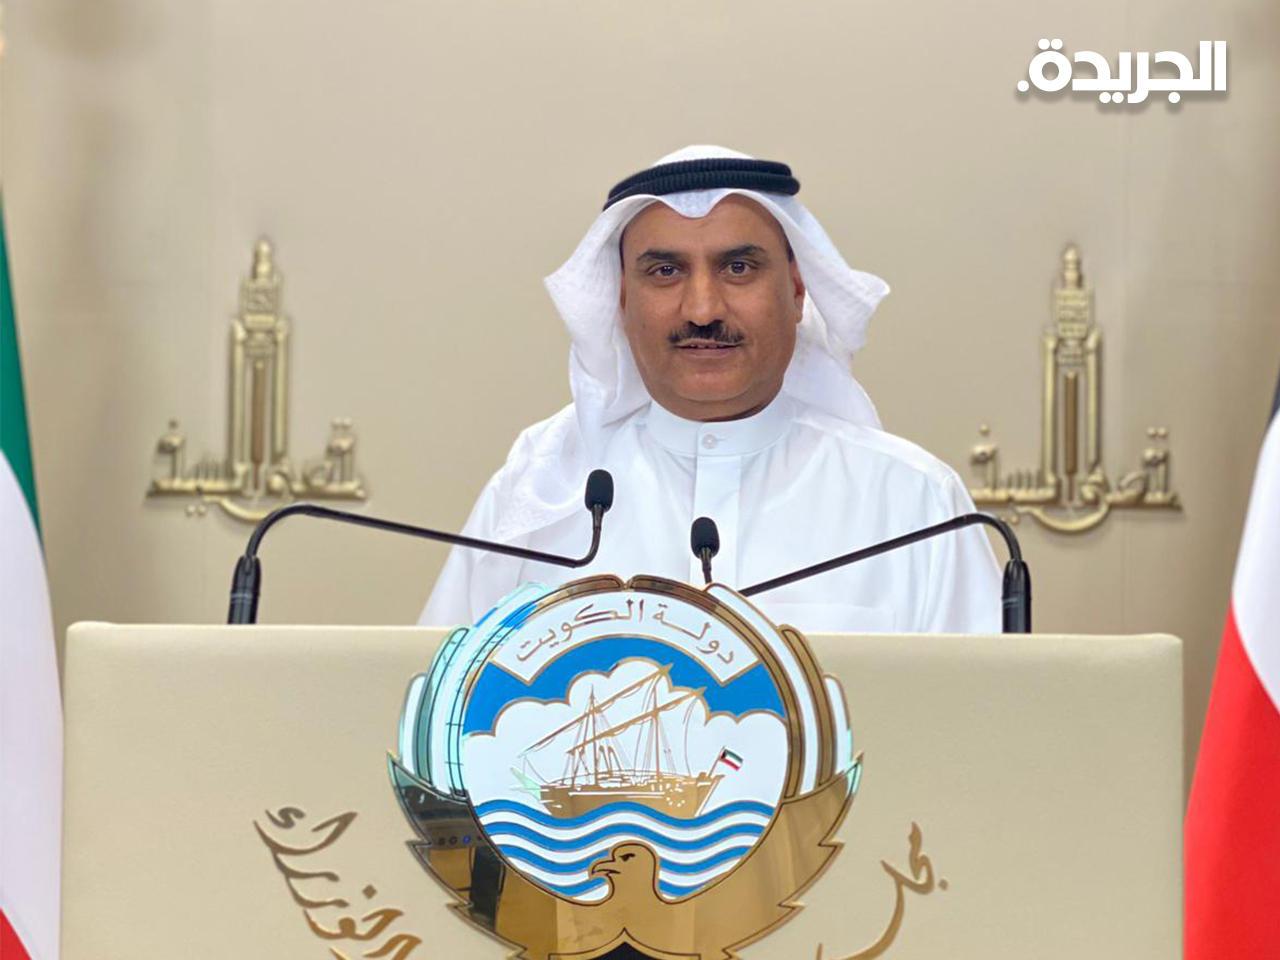 وزير التربية إنتهاء العام الدراسي الحالي وترحيل المنهج المتبقي إلى 2020 2021